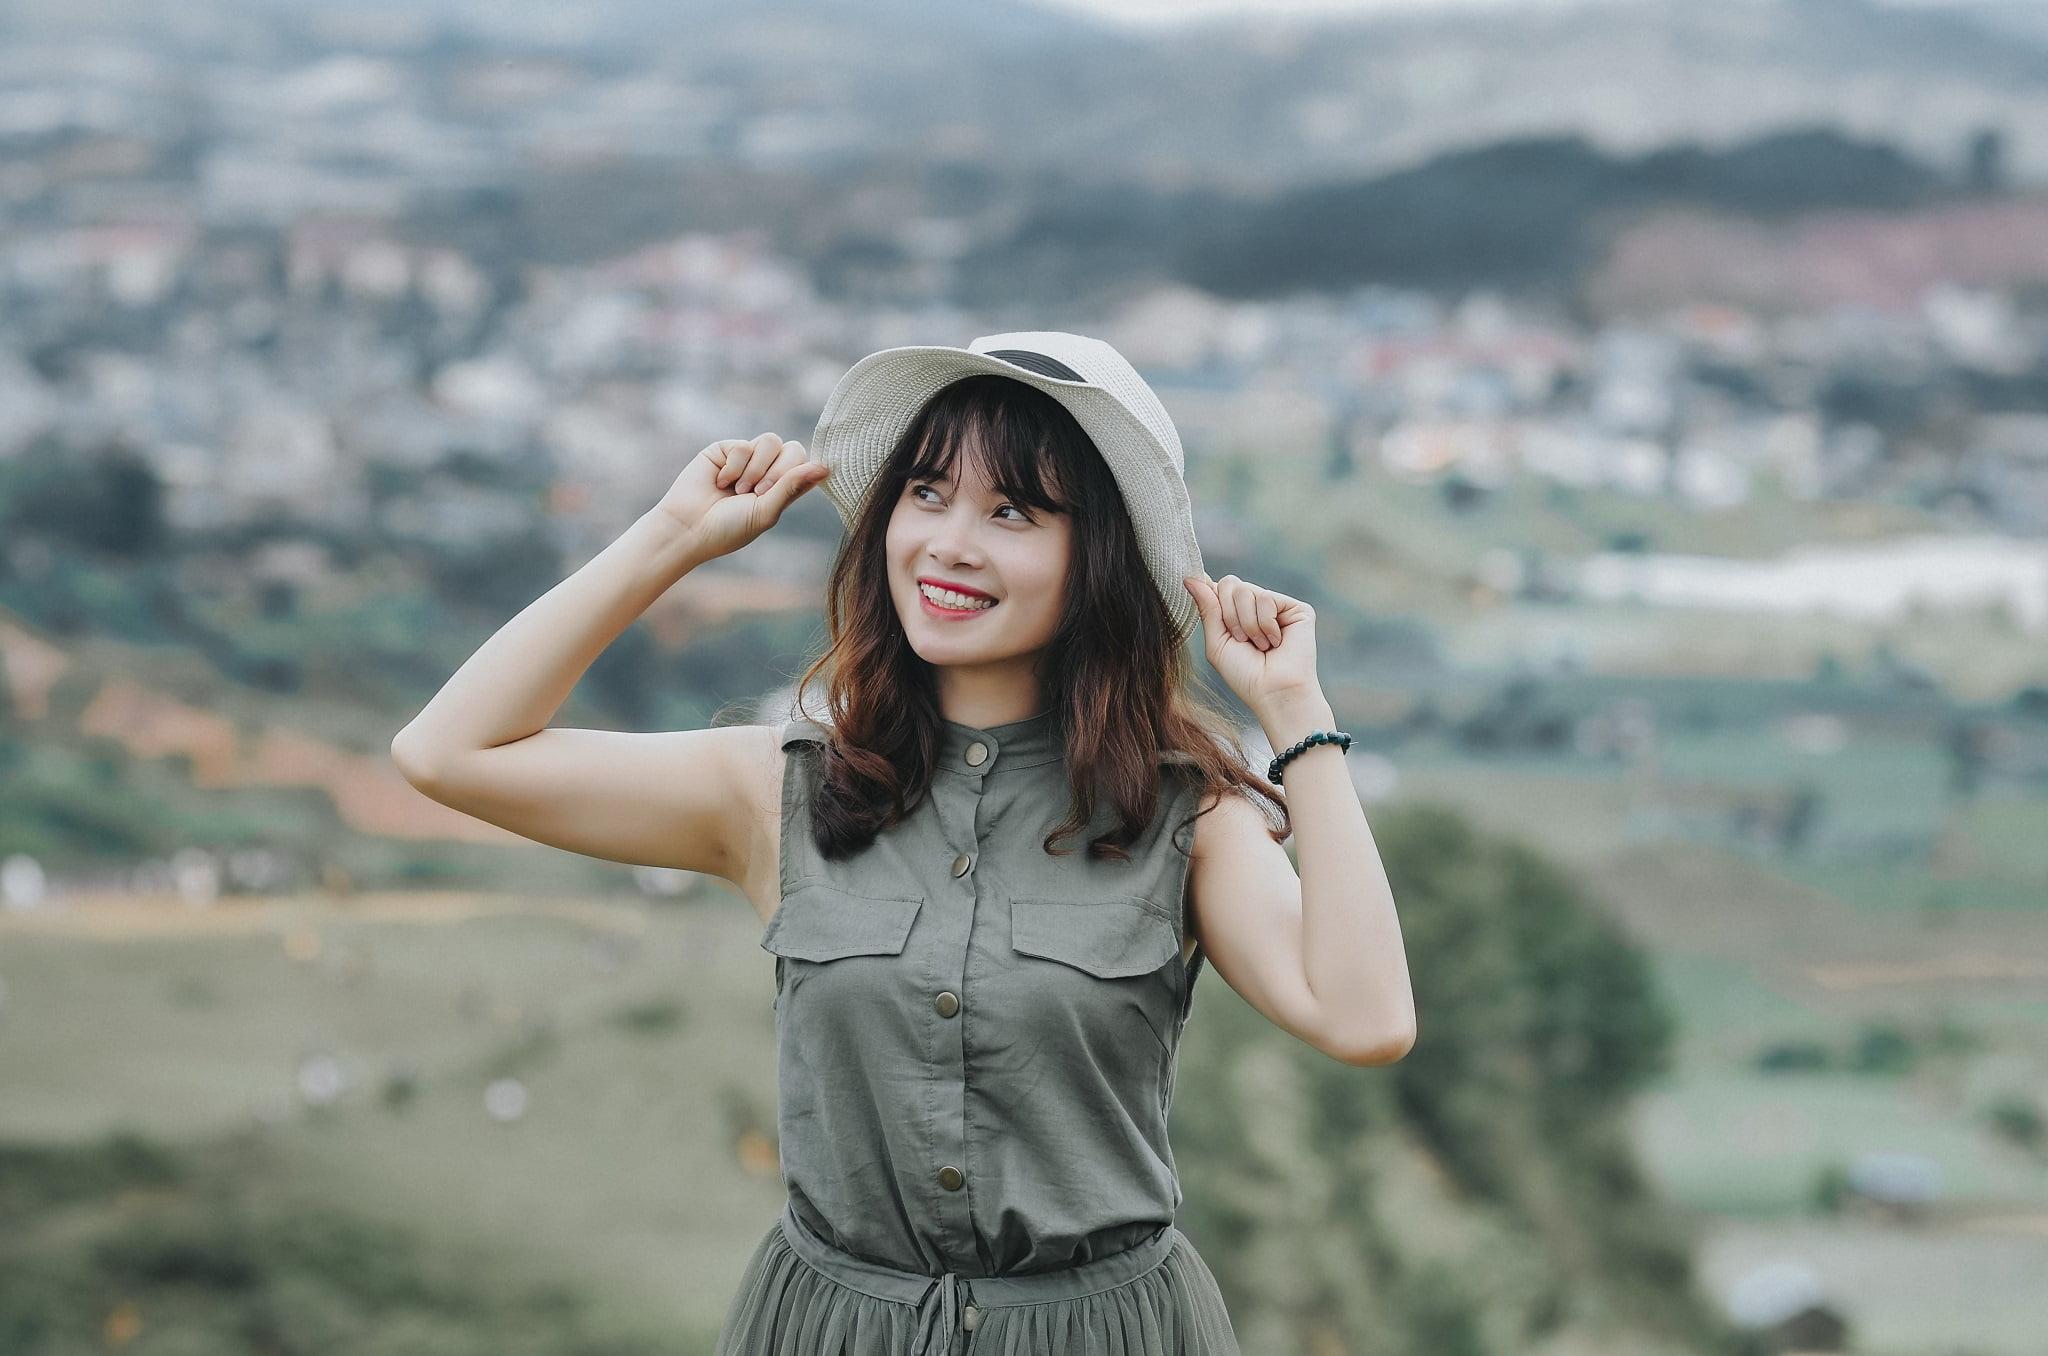 trang 1 - Ảnh chụp trên đỉnh Langbiang Đà Lạt - Trang Nguyễn